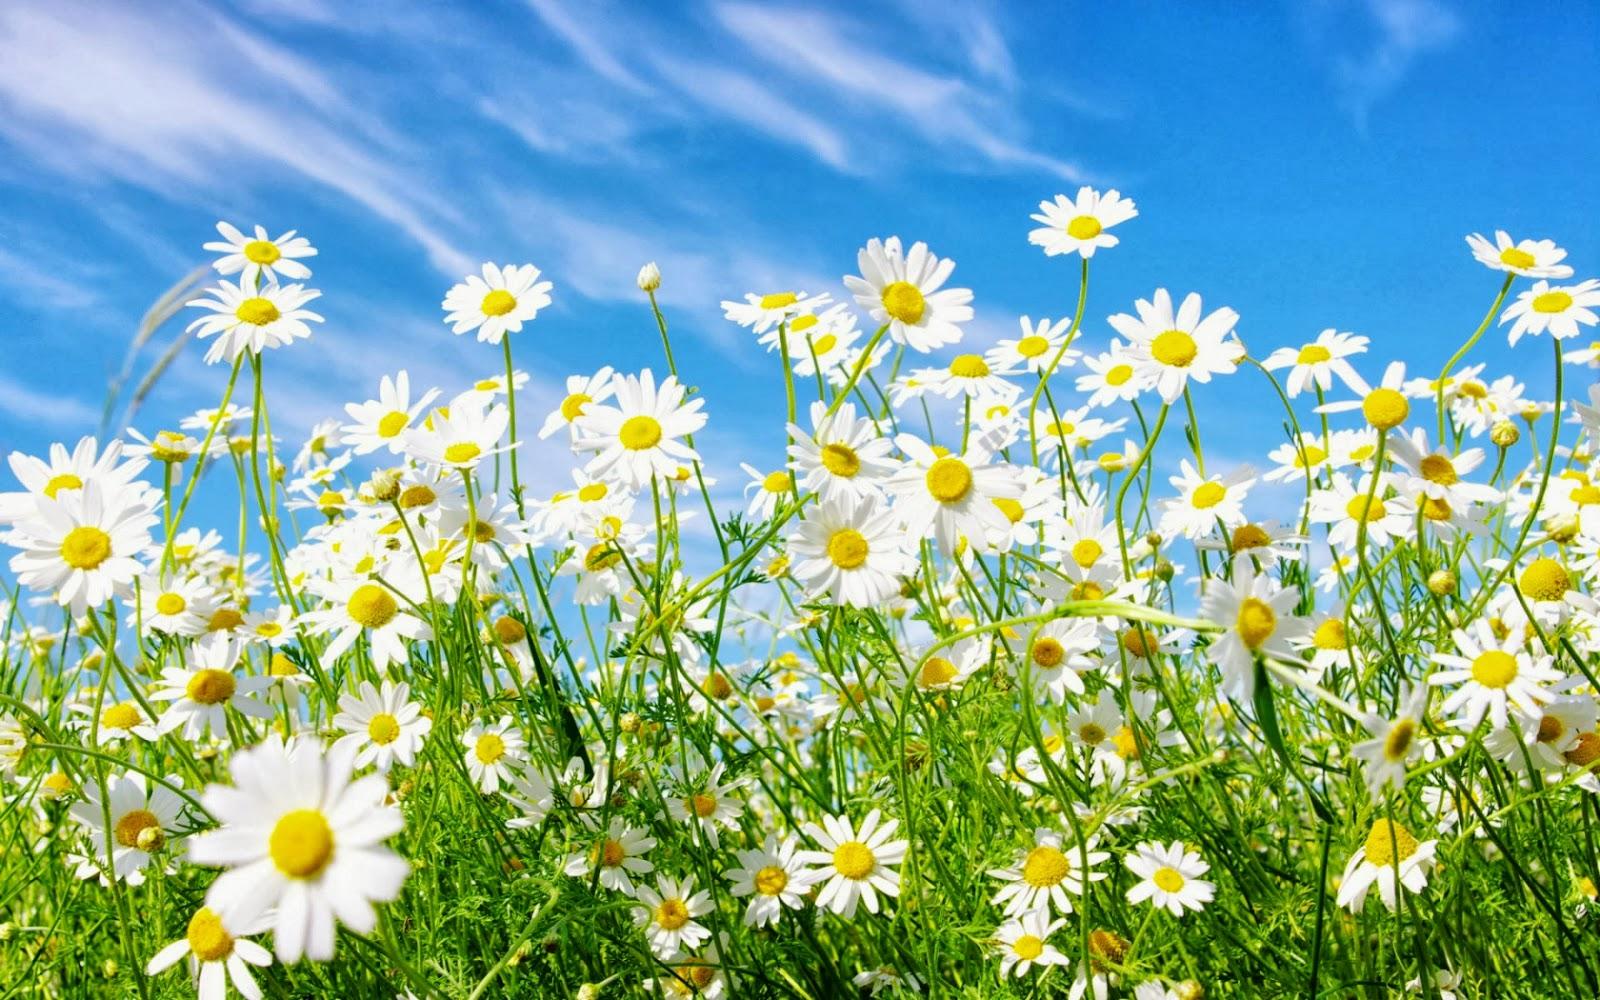 50 Gambar Bunga dan Tanamah Hias Terindah di Dunia (GAMBAR